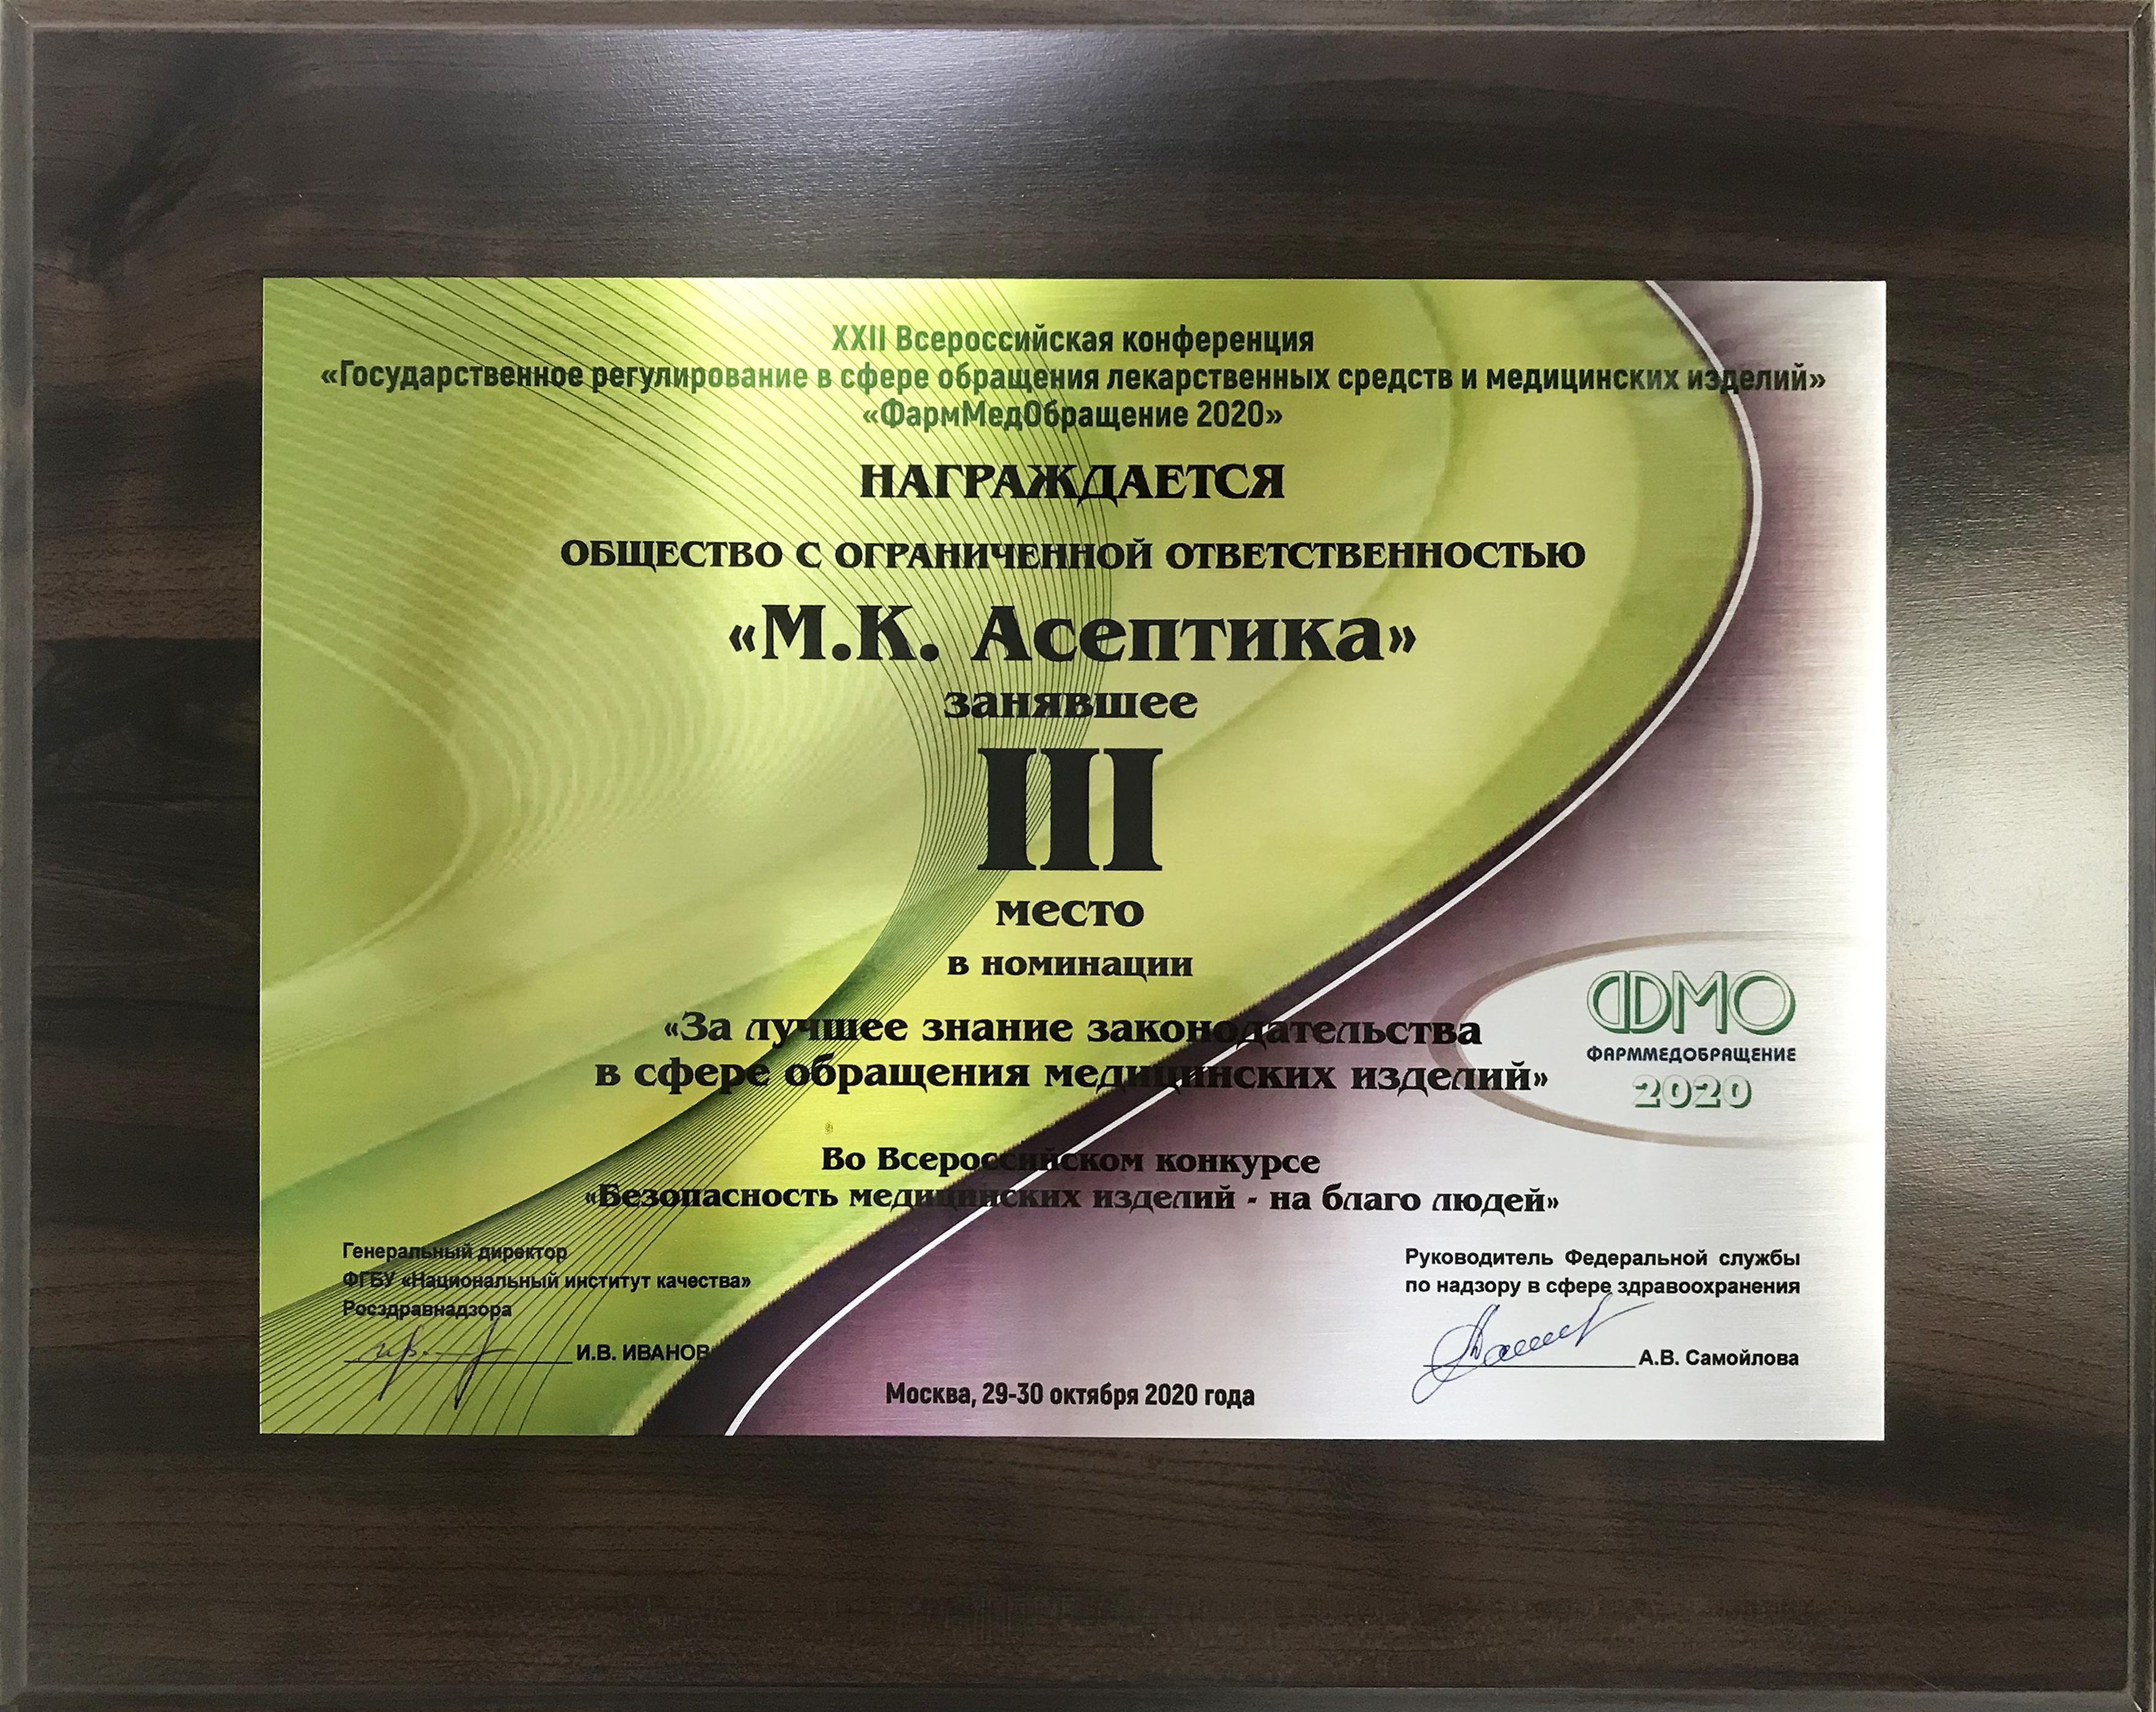 """III место в номинации """"За лучшее знание законодательства в сфере обращения медицинских изделий"""""""